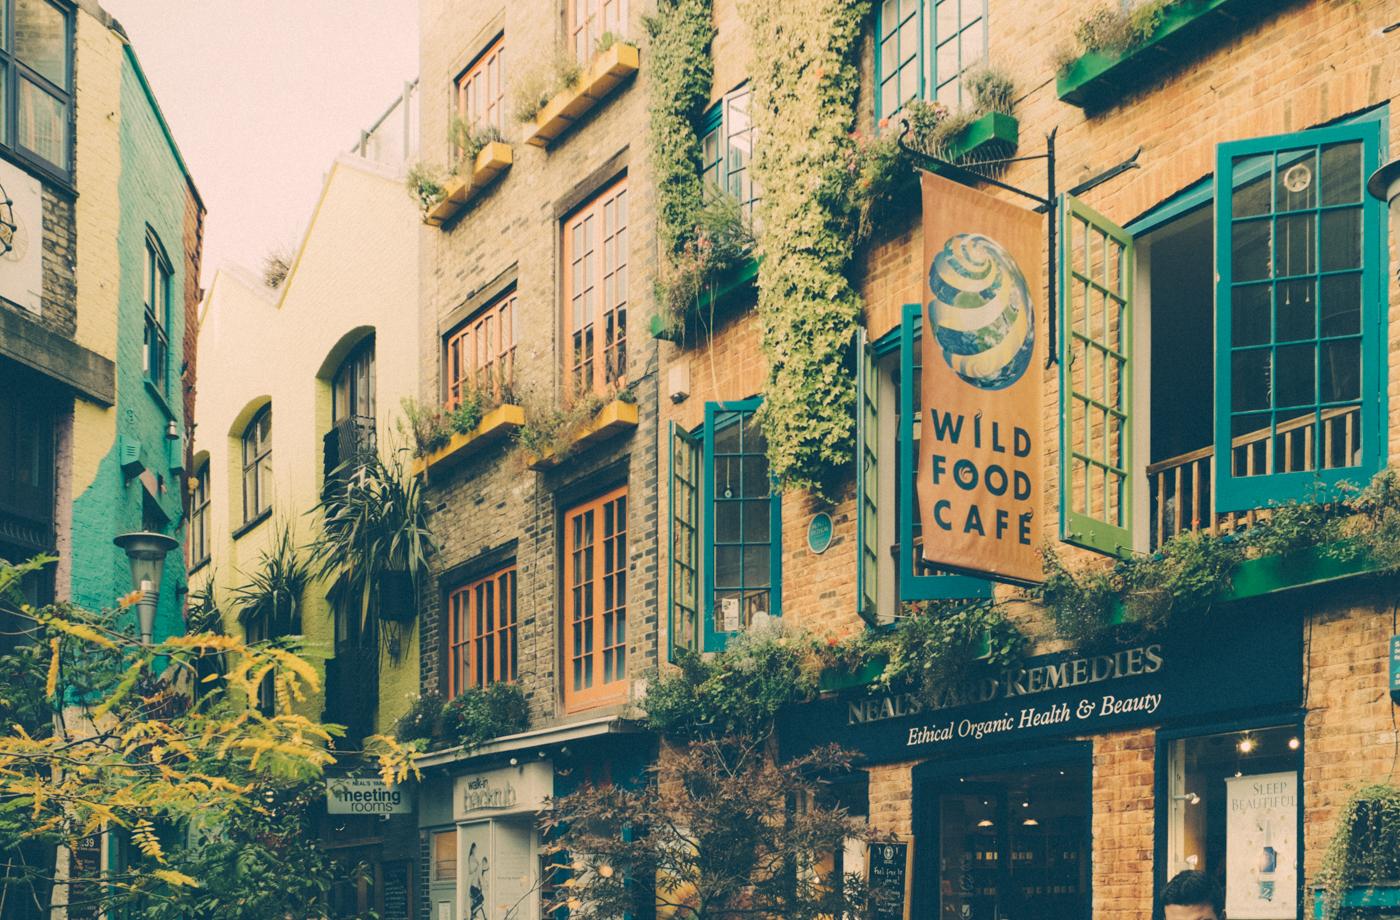 Wild Food Café